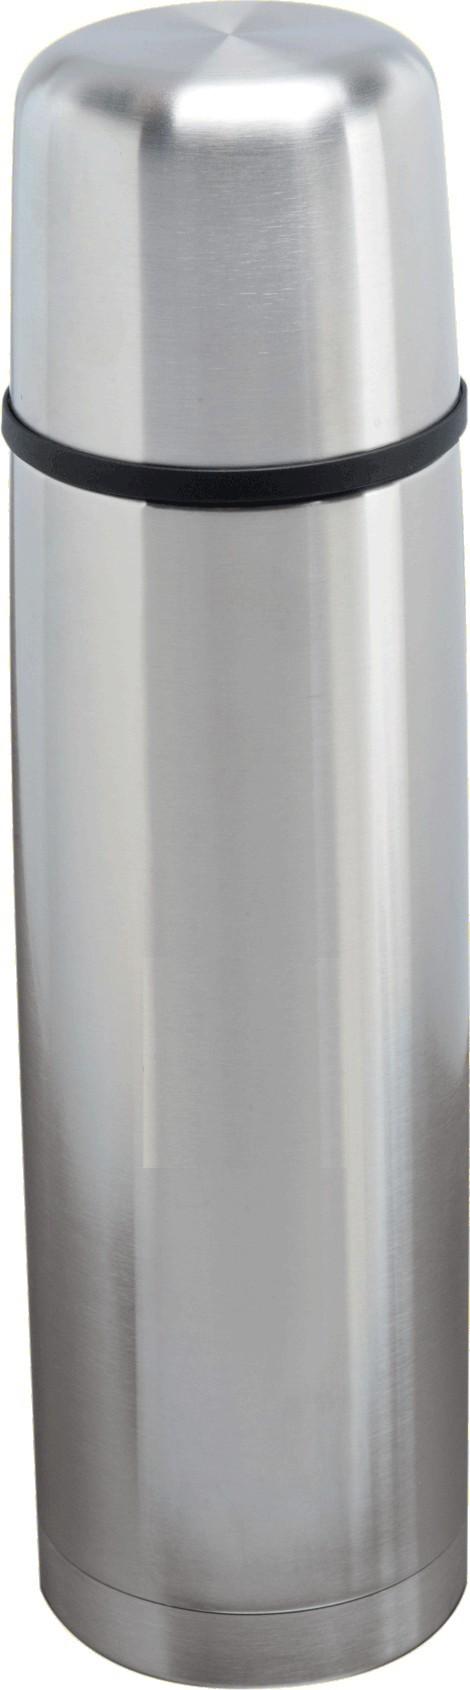 Θερμός Ανοξείδωτο 1Lt Με Πλήκτρο Happy Ware home   αξεσουαρ κουζινας   παγούρια   θερμός